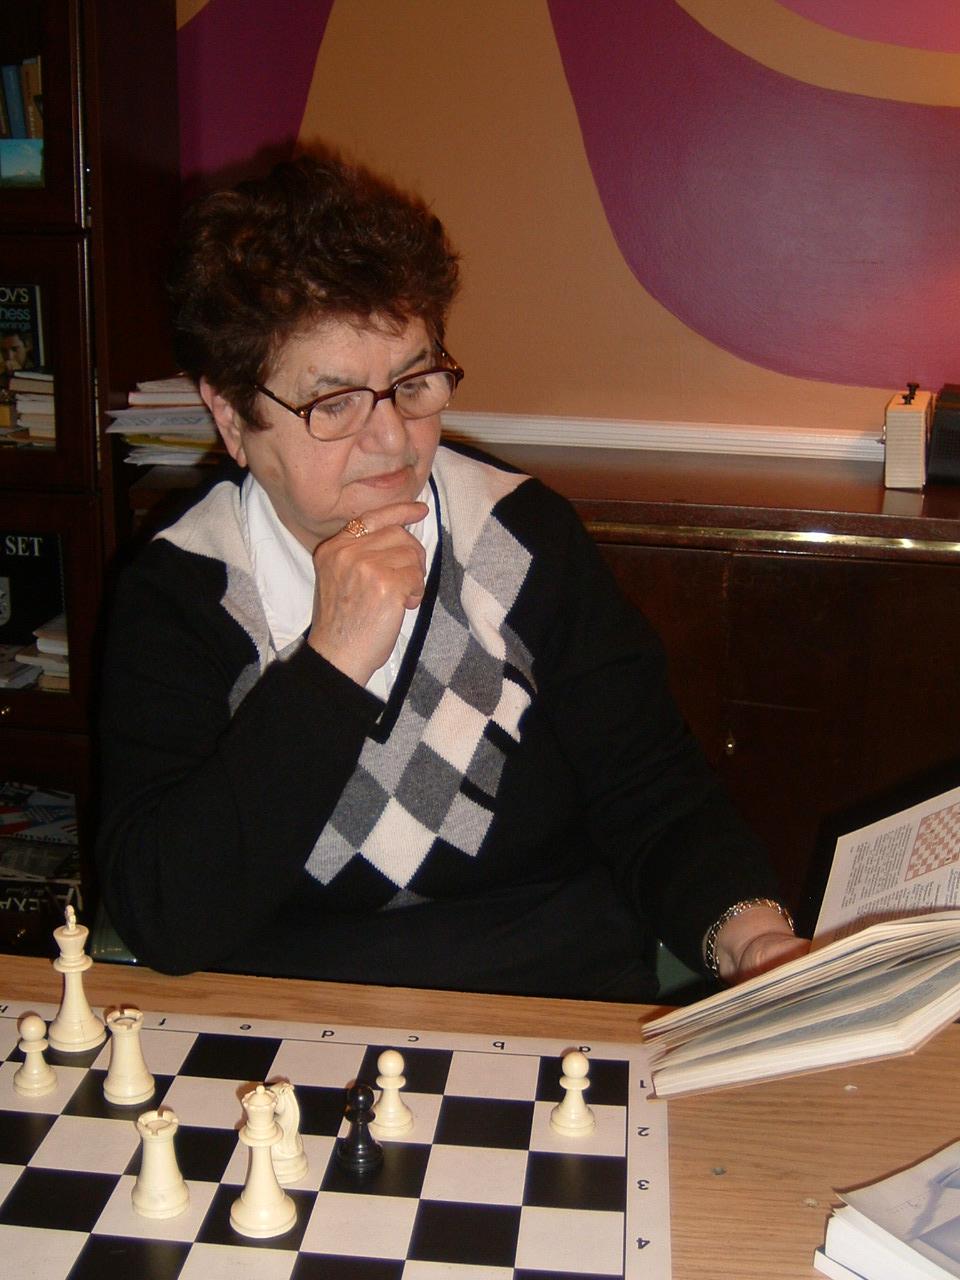 Wikipedia Nonna Nonna Karakashyan Karakashyan Wikipedia Wikipedia Nonna Nonna Wikipedia Karakashyan Karakashyan Nonna YWEH2ID9